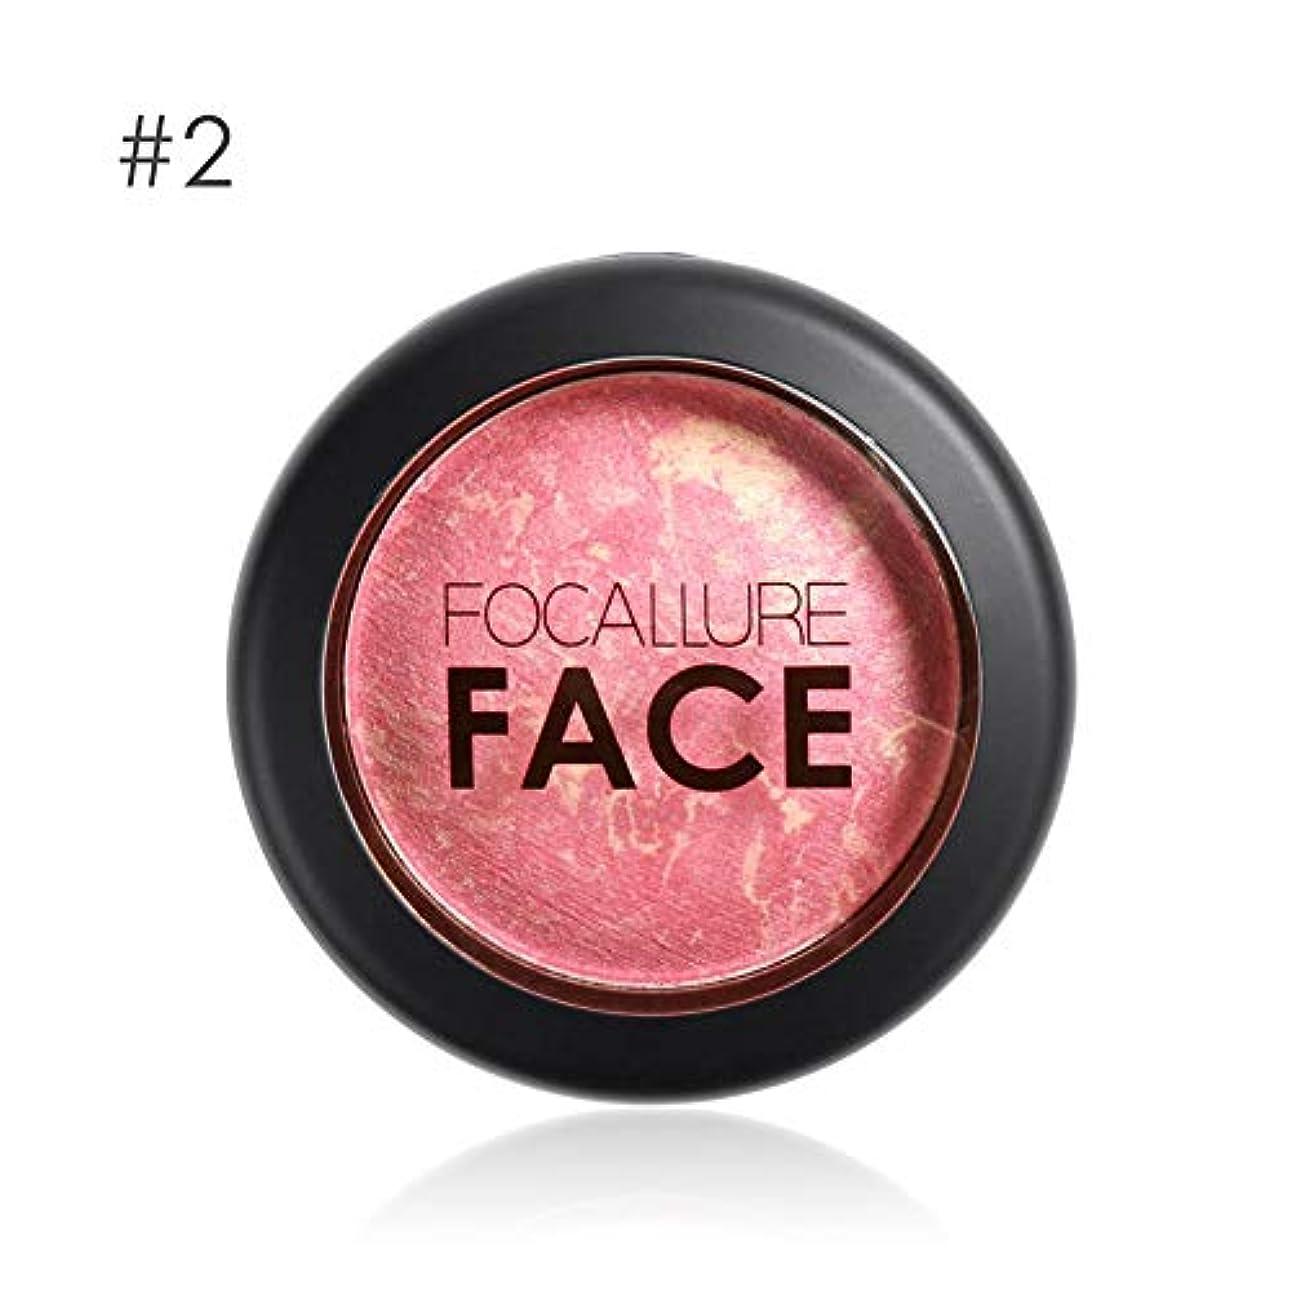 辞任まもなく請求可能Focallure 6色プロフェッショナル頬焼き赤面フェイス輪郭頬紅メイク - 2#